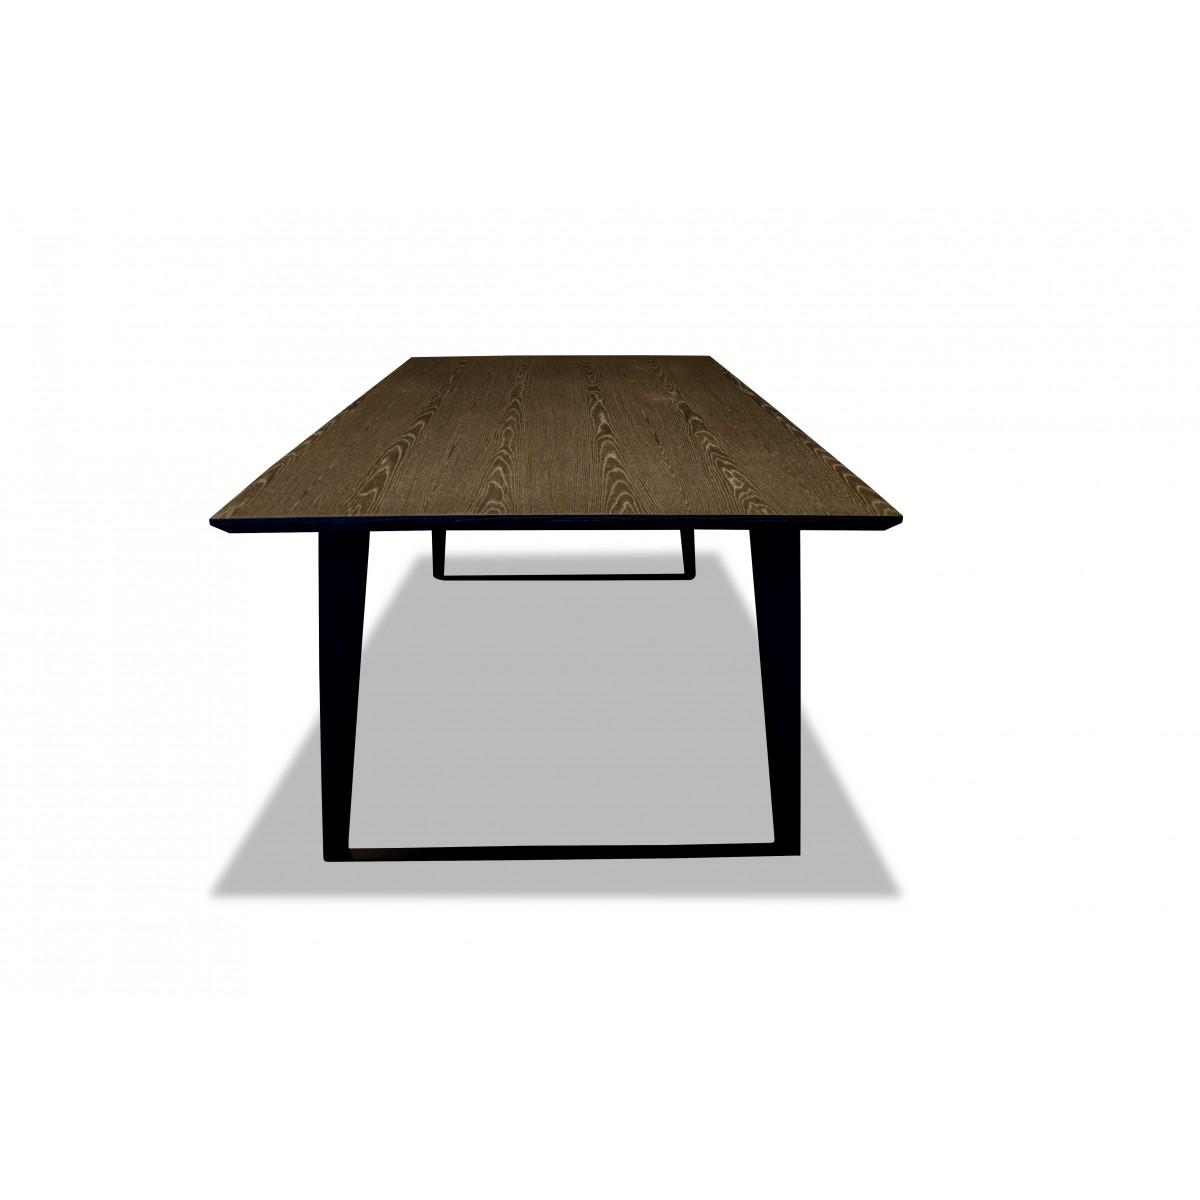 DININGtable41-34